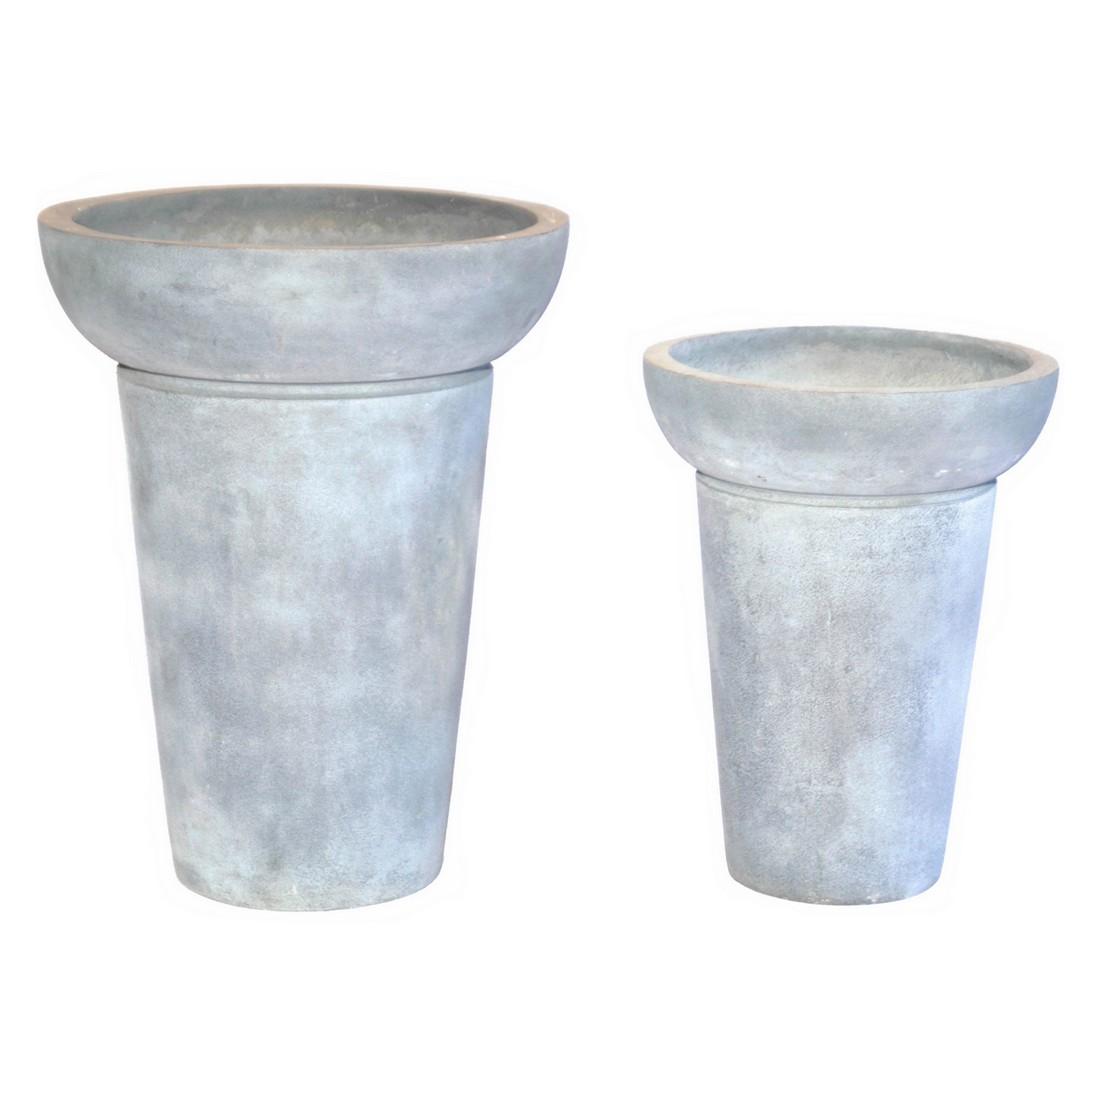 Pflanzkübel ISI Lead – Kunststoff – Design Rund Normal – Höhe: 55 cm Ø: 43 cm (einzeln), Viducci's Garden kaufen